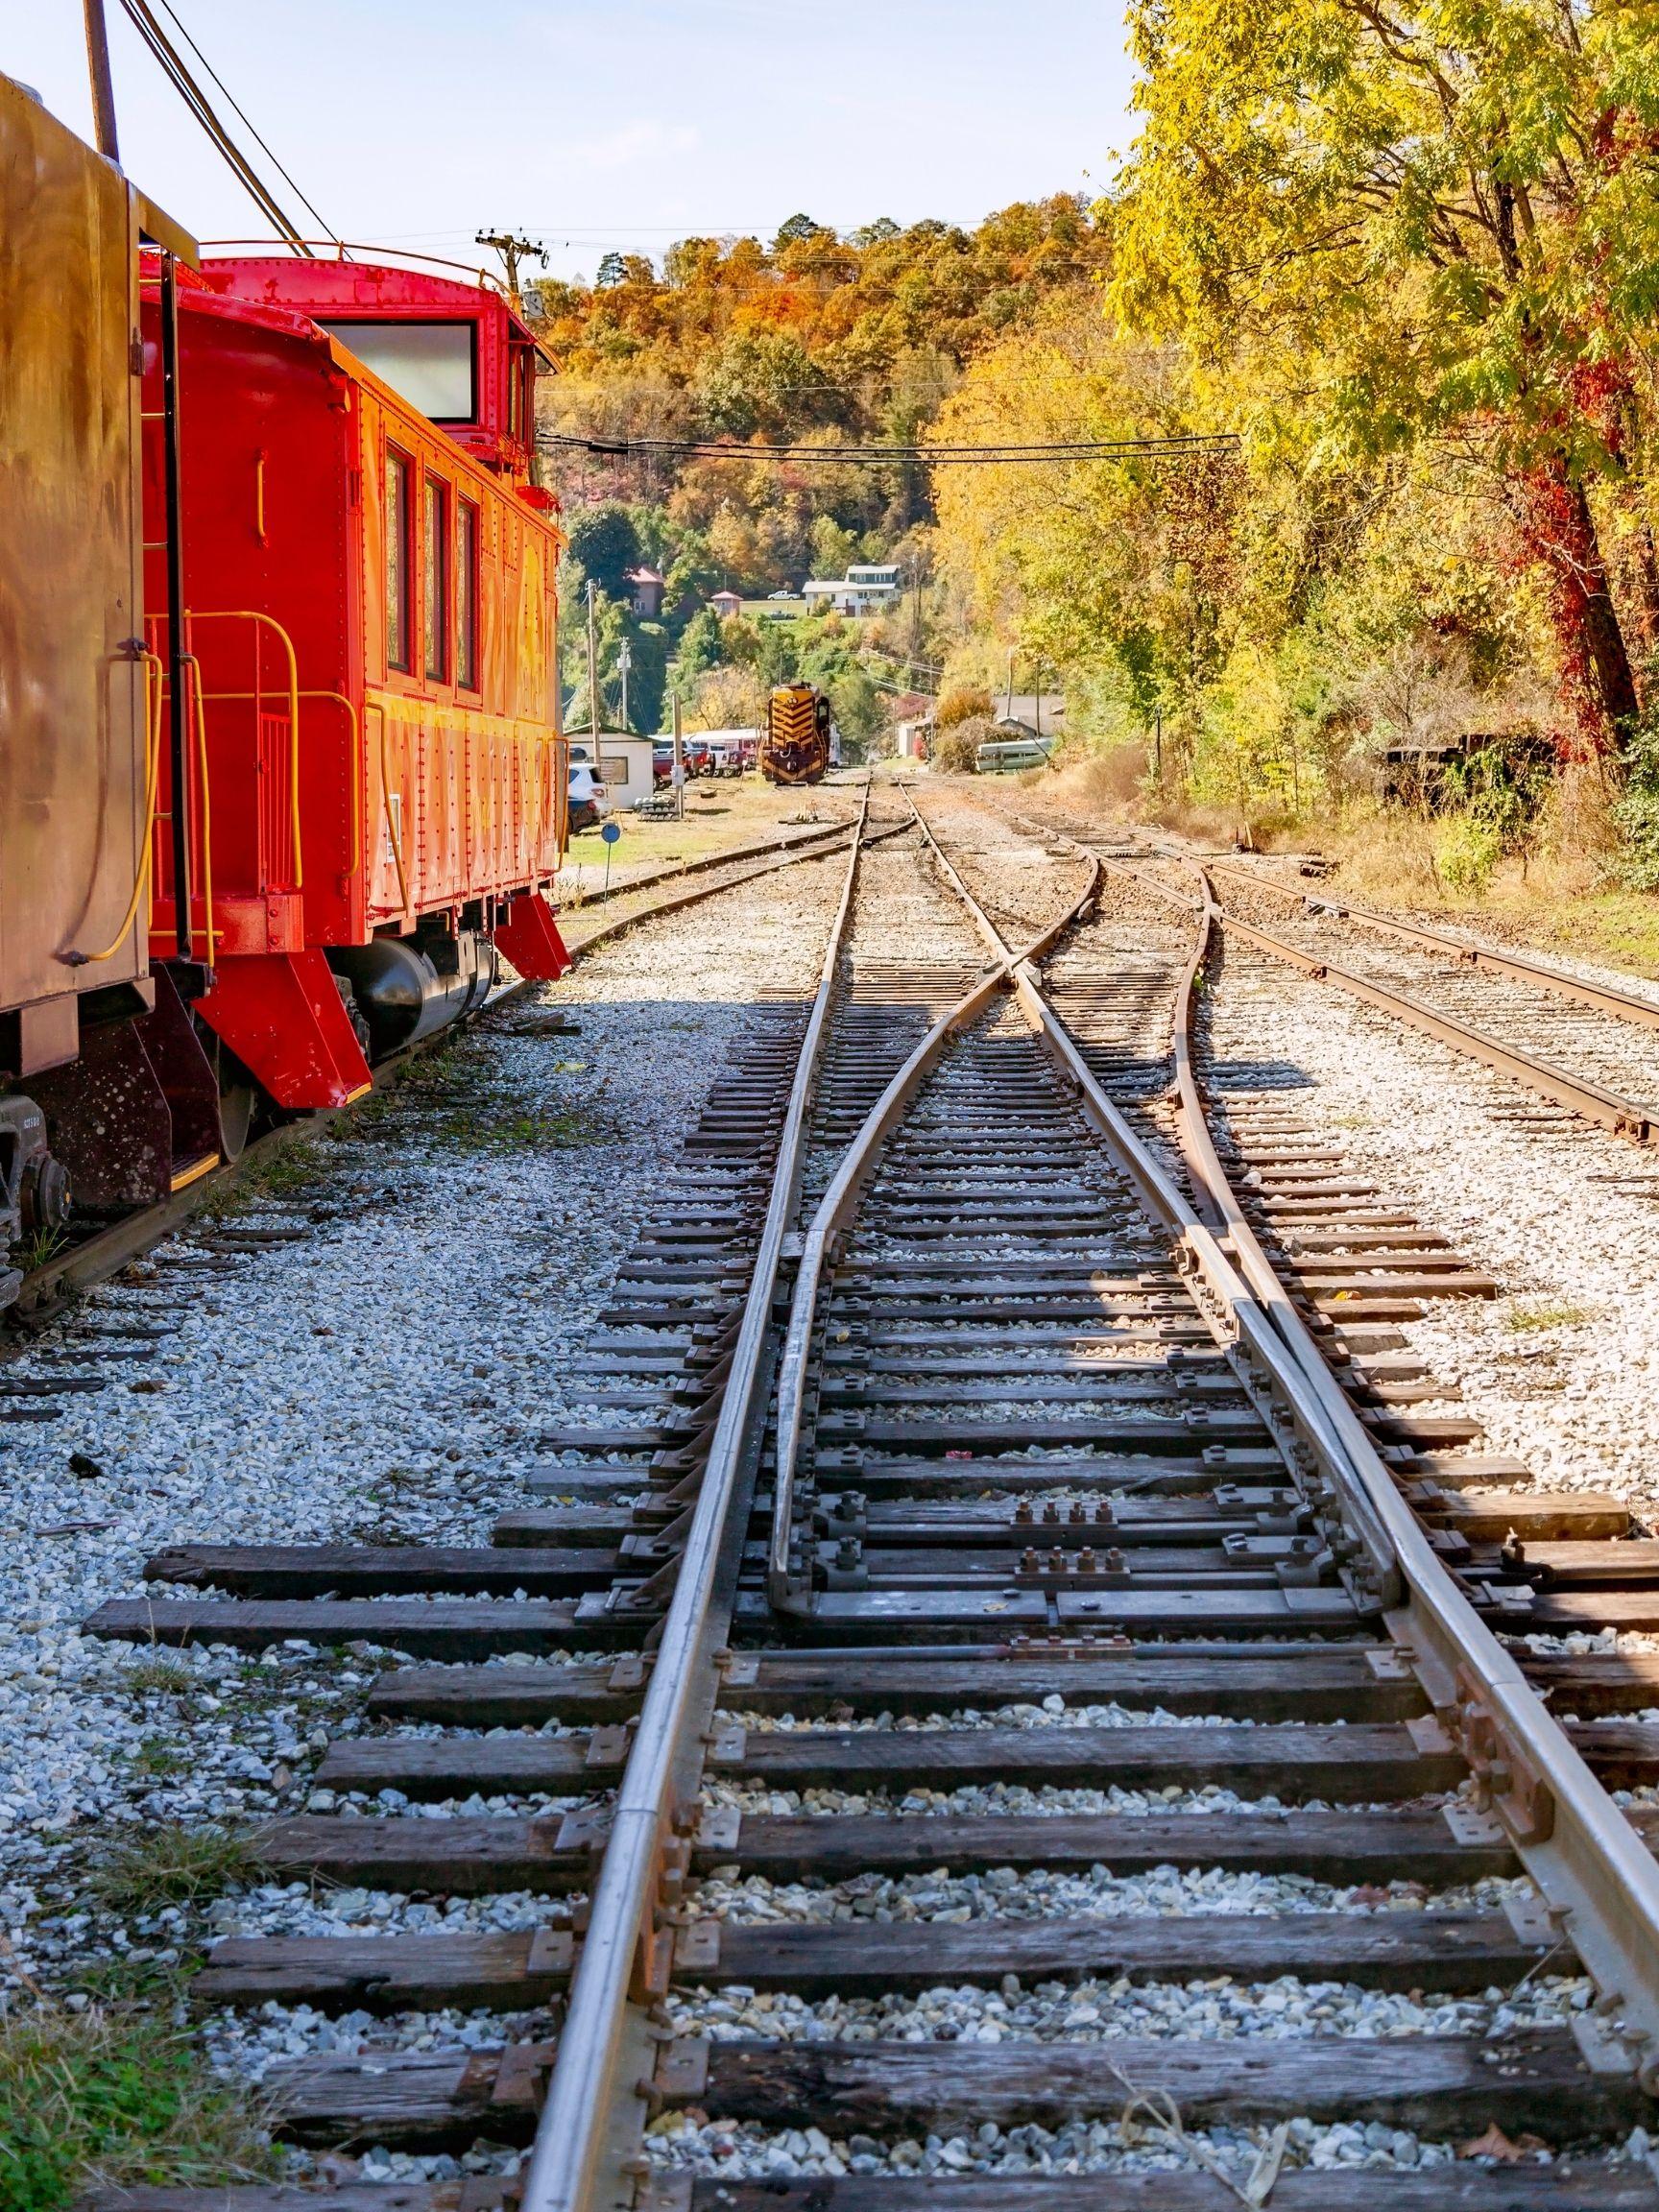 Train tracks in Bryson City a small town in North Carolina